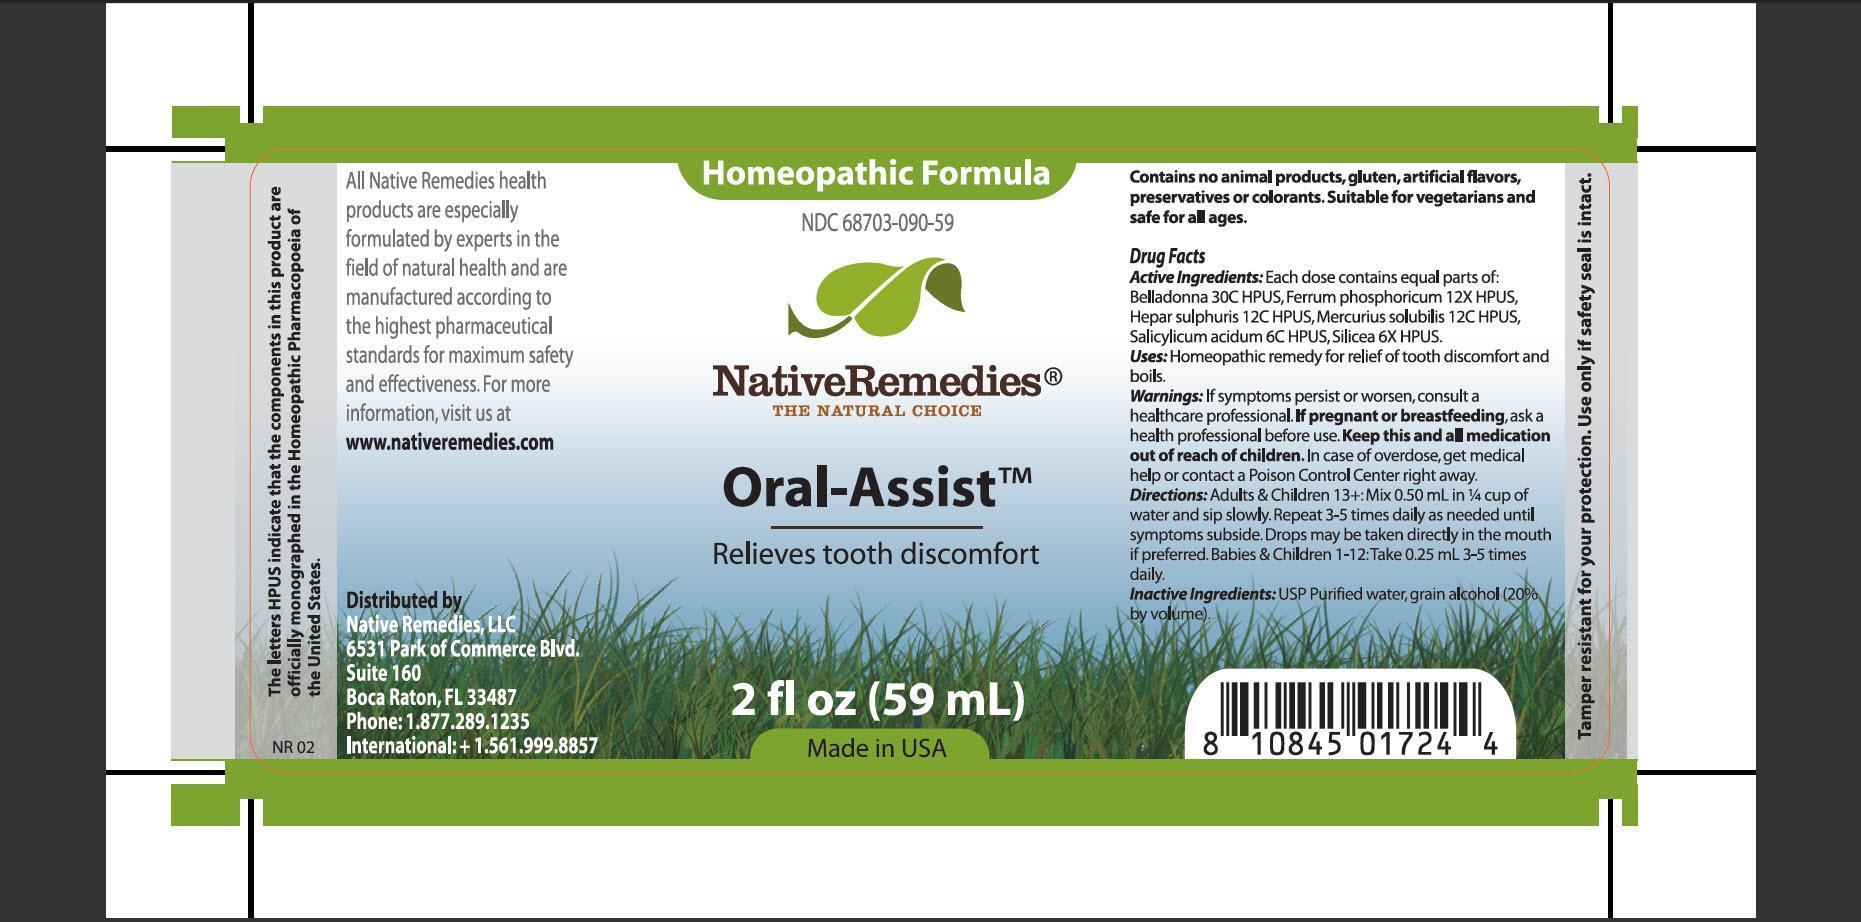 Oral Assist (Belladonna 30c Hpus, Ferrum Phosphoricum 12 X Hpus, Hepar Sulphuris 12c Hpus, Mercurius Solubilis 12c Hpus, Salicylicum Acidum 6c Hpus, Silicea 6x Hpus) Tincture [Native Remedies, Llc]